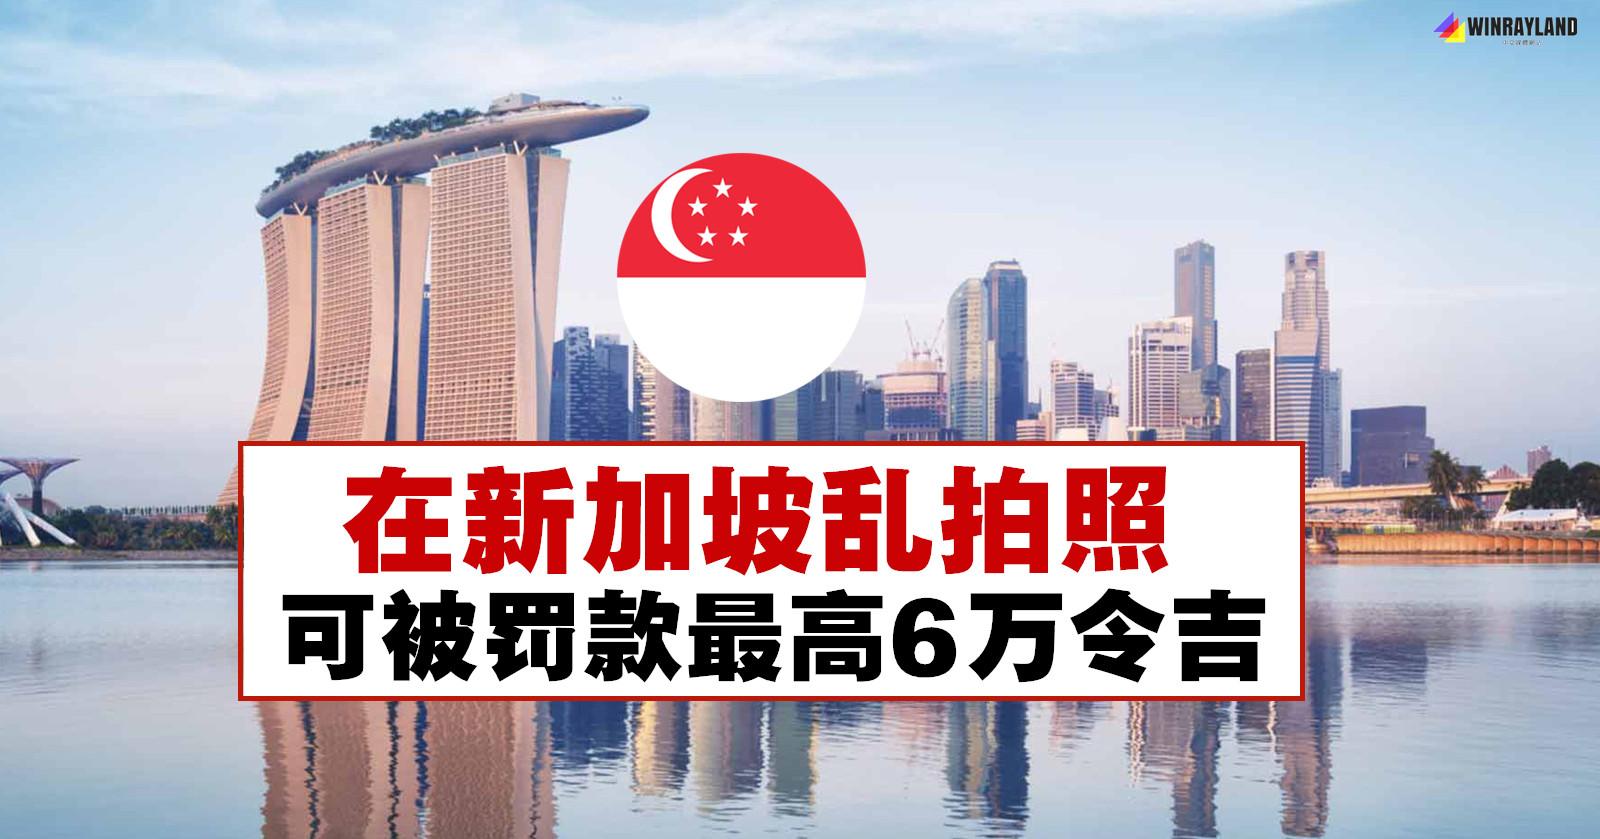 在新加坡乱拍照,可被罚款最高6万令吉